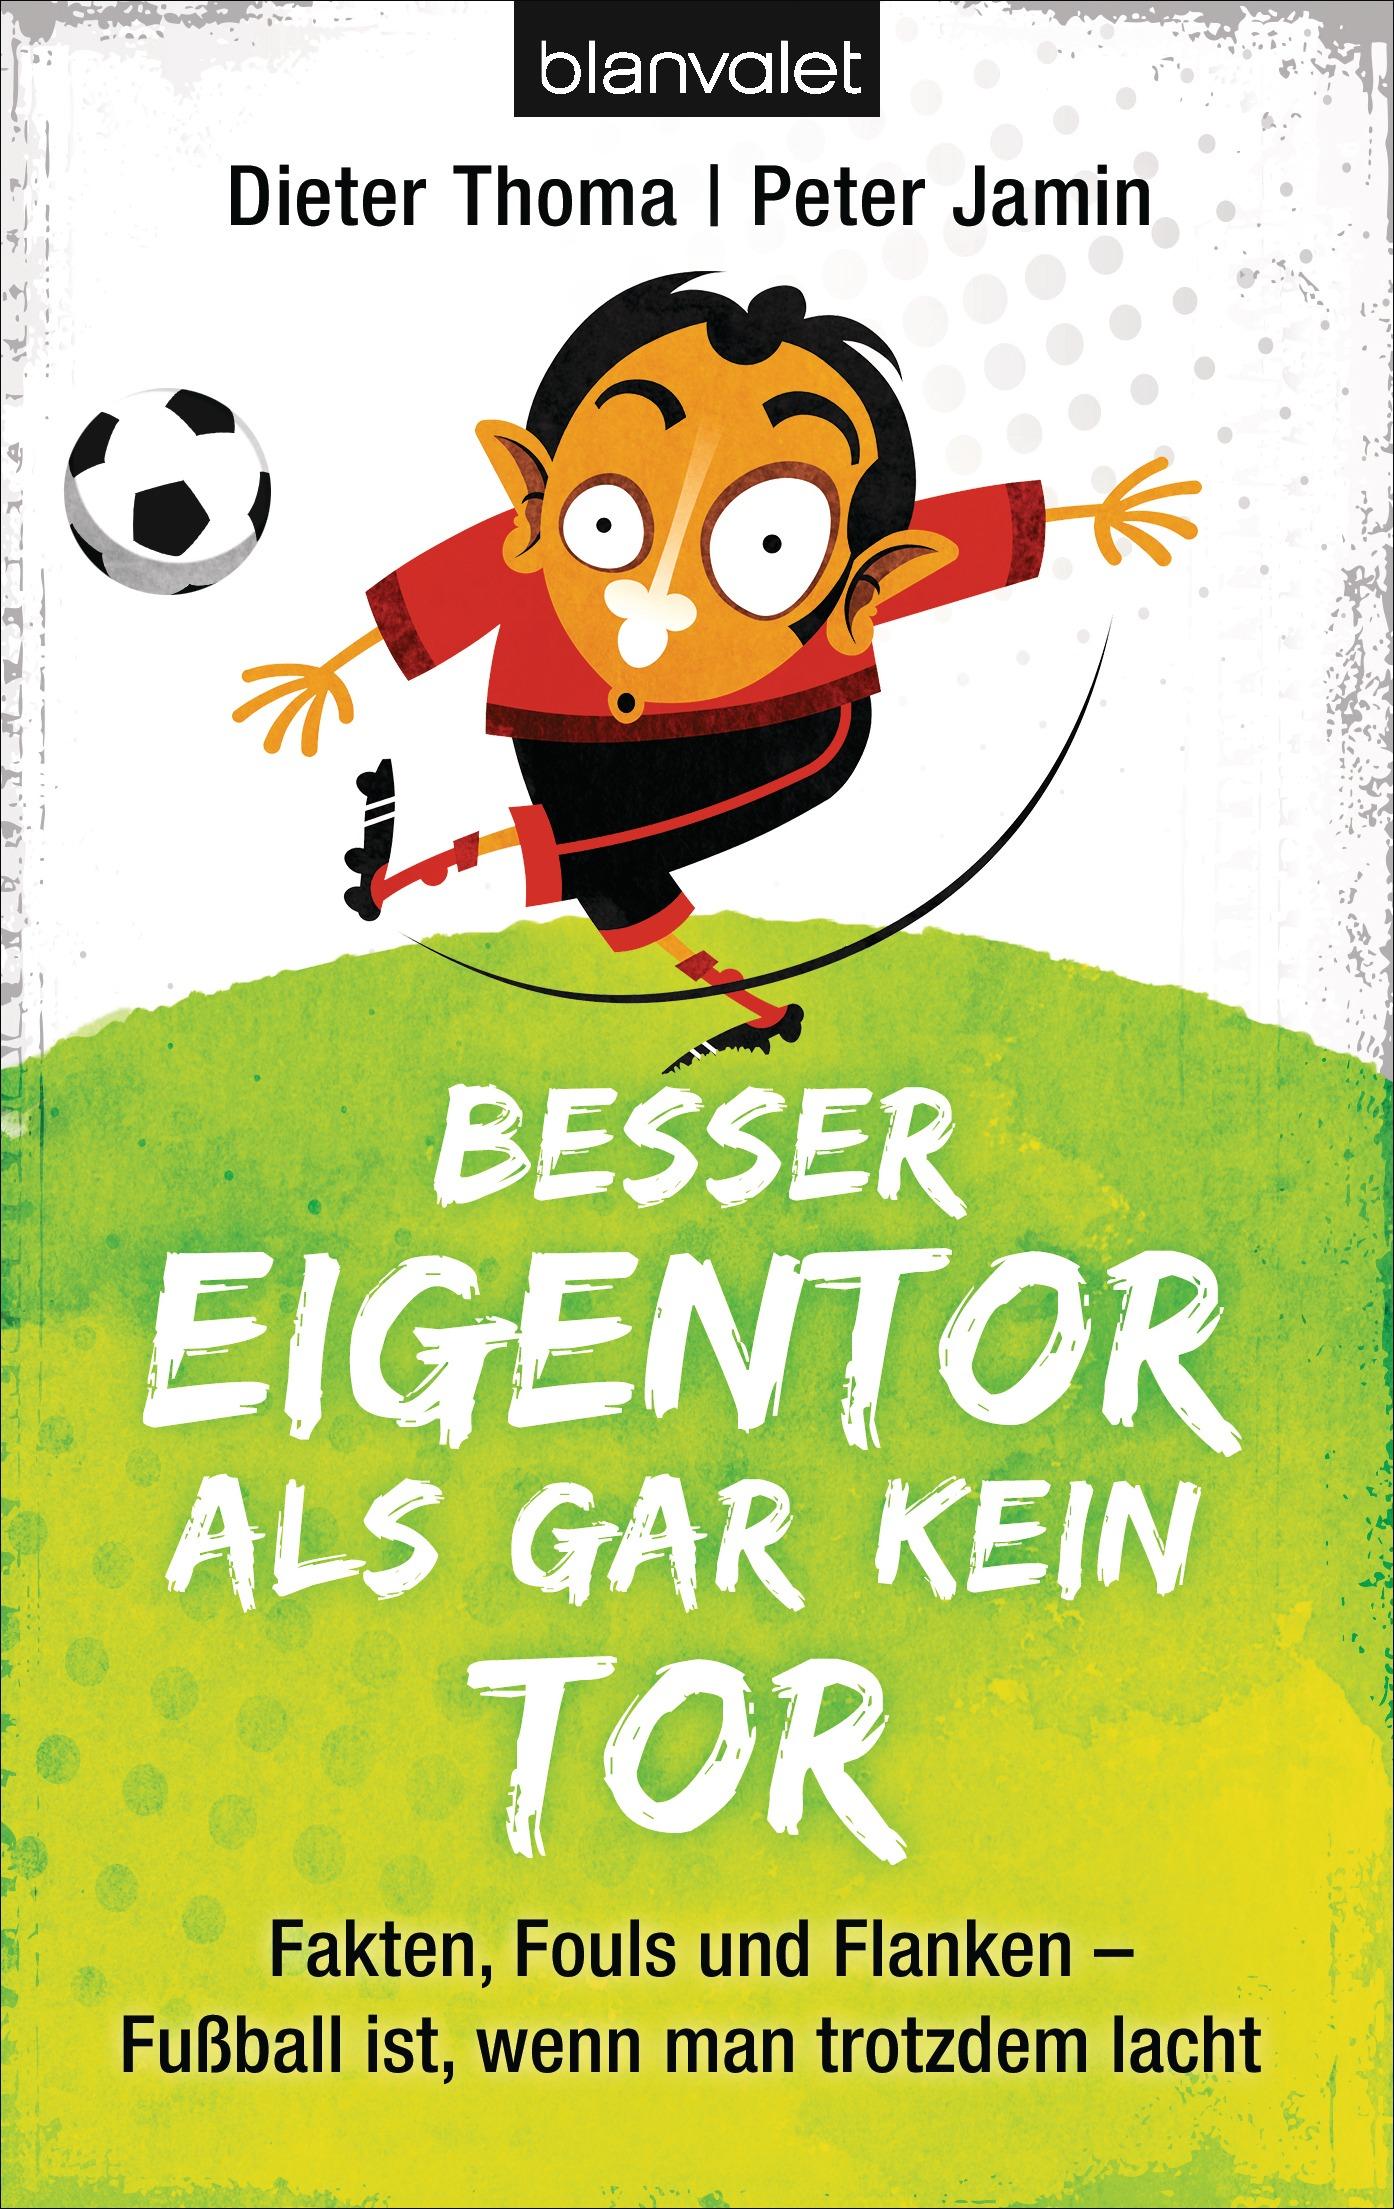 Besser Eigentor als gar kein Tor: Fakten, Fouls und Flanken - Fußball ist, wenn man trotzdem lacht - Dieter Thoma